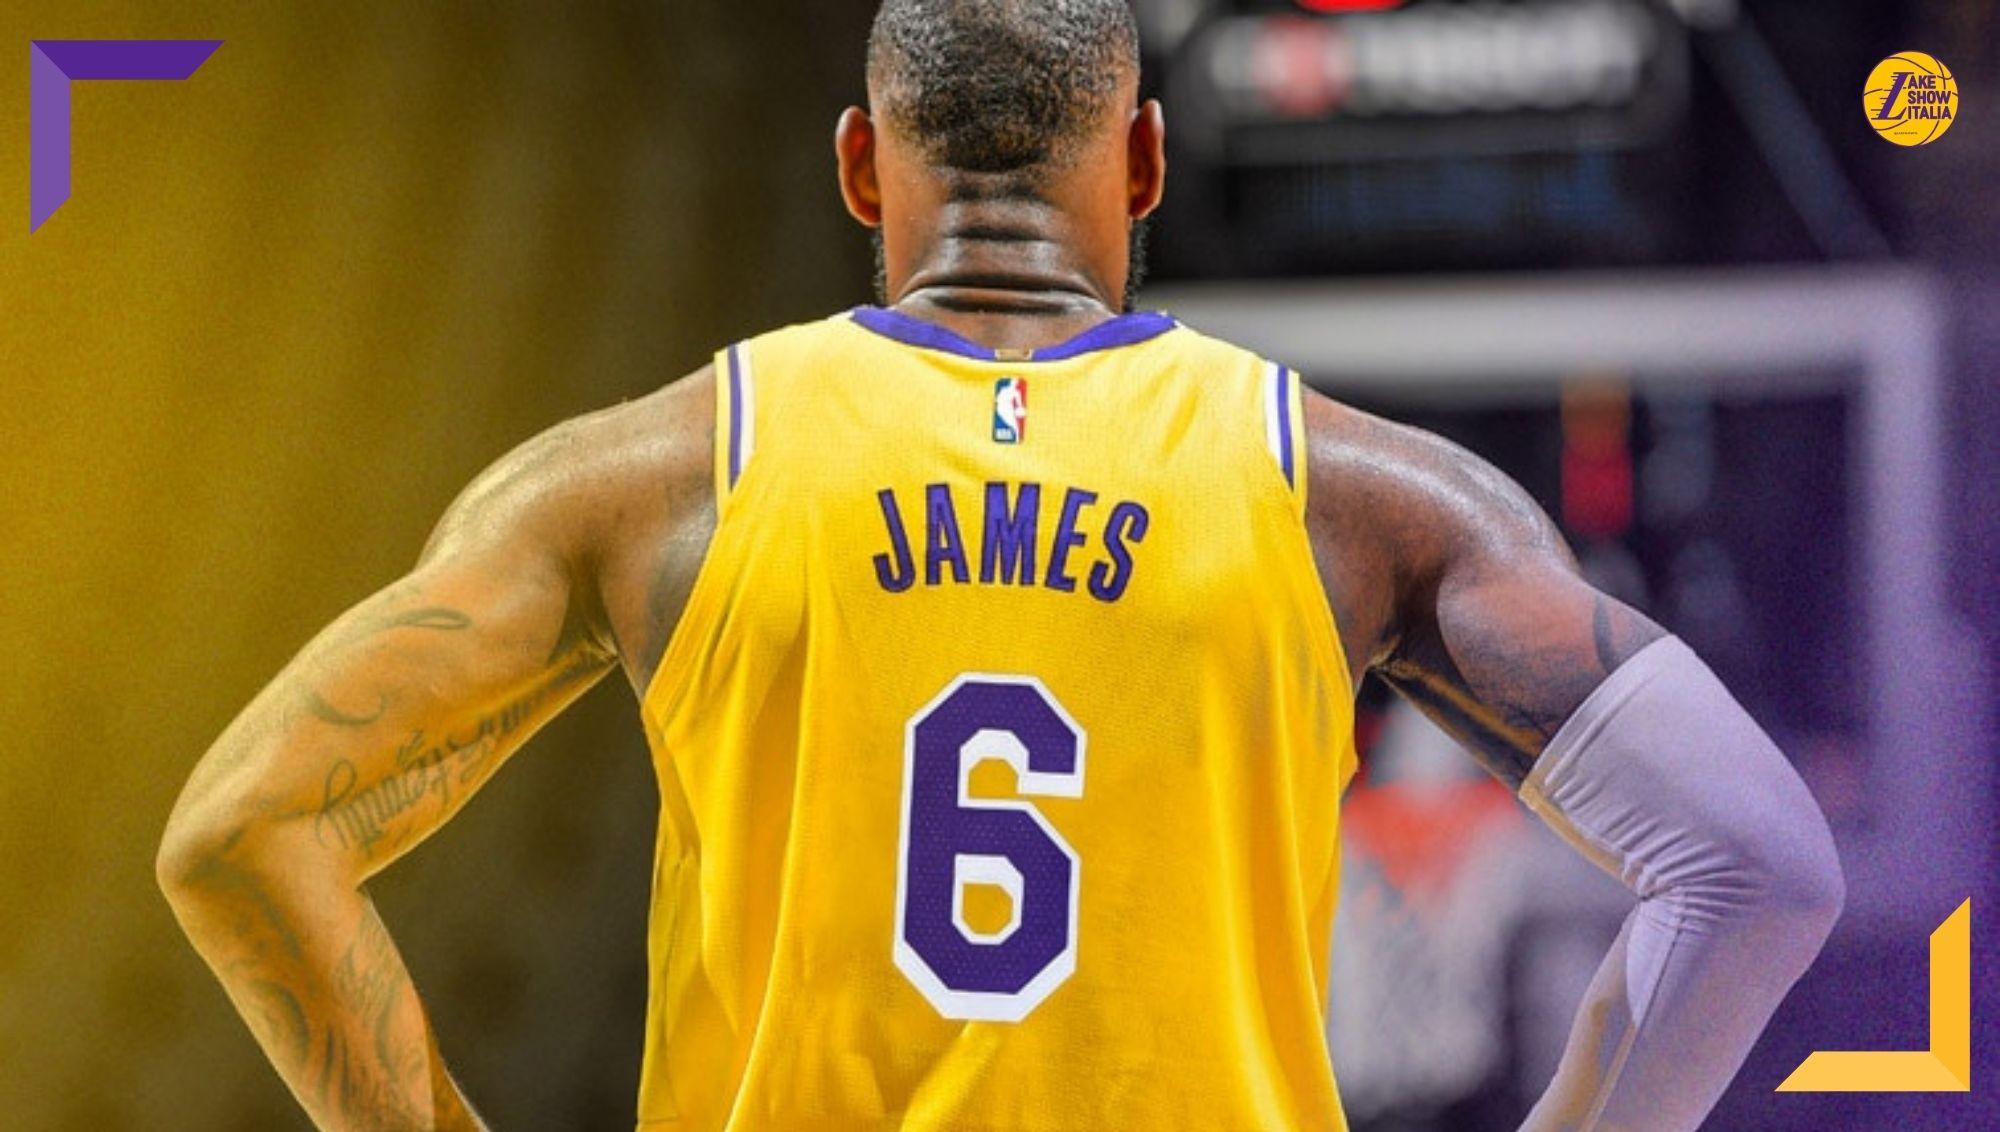 """LeBron James lascia il #23 per tornare al #6, numero indossato in """"Space Jam: A New Legacy"""", nei quattro anni con gli Heat e con Team USA."""